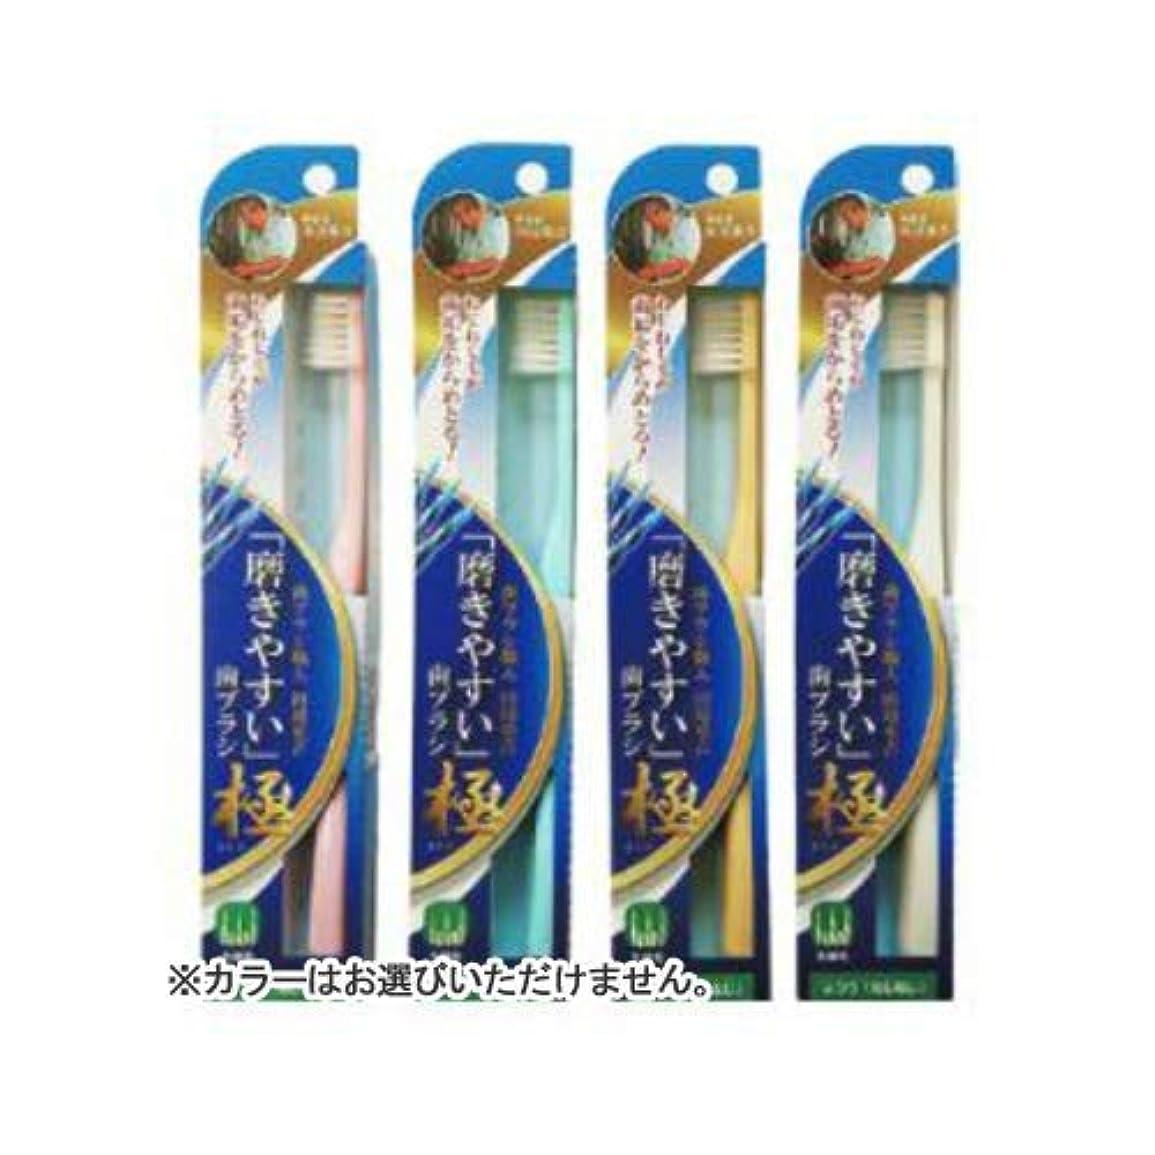 モネ提供された模索LT-45磨きやすい歯ブラシ極 ねじねじ × 480個セット